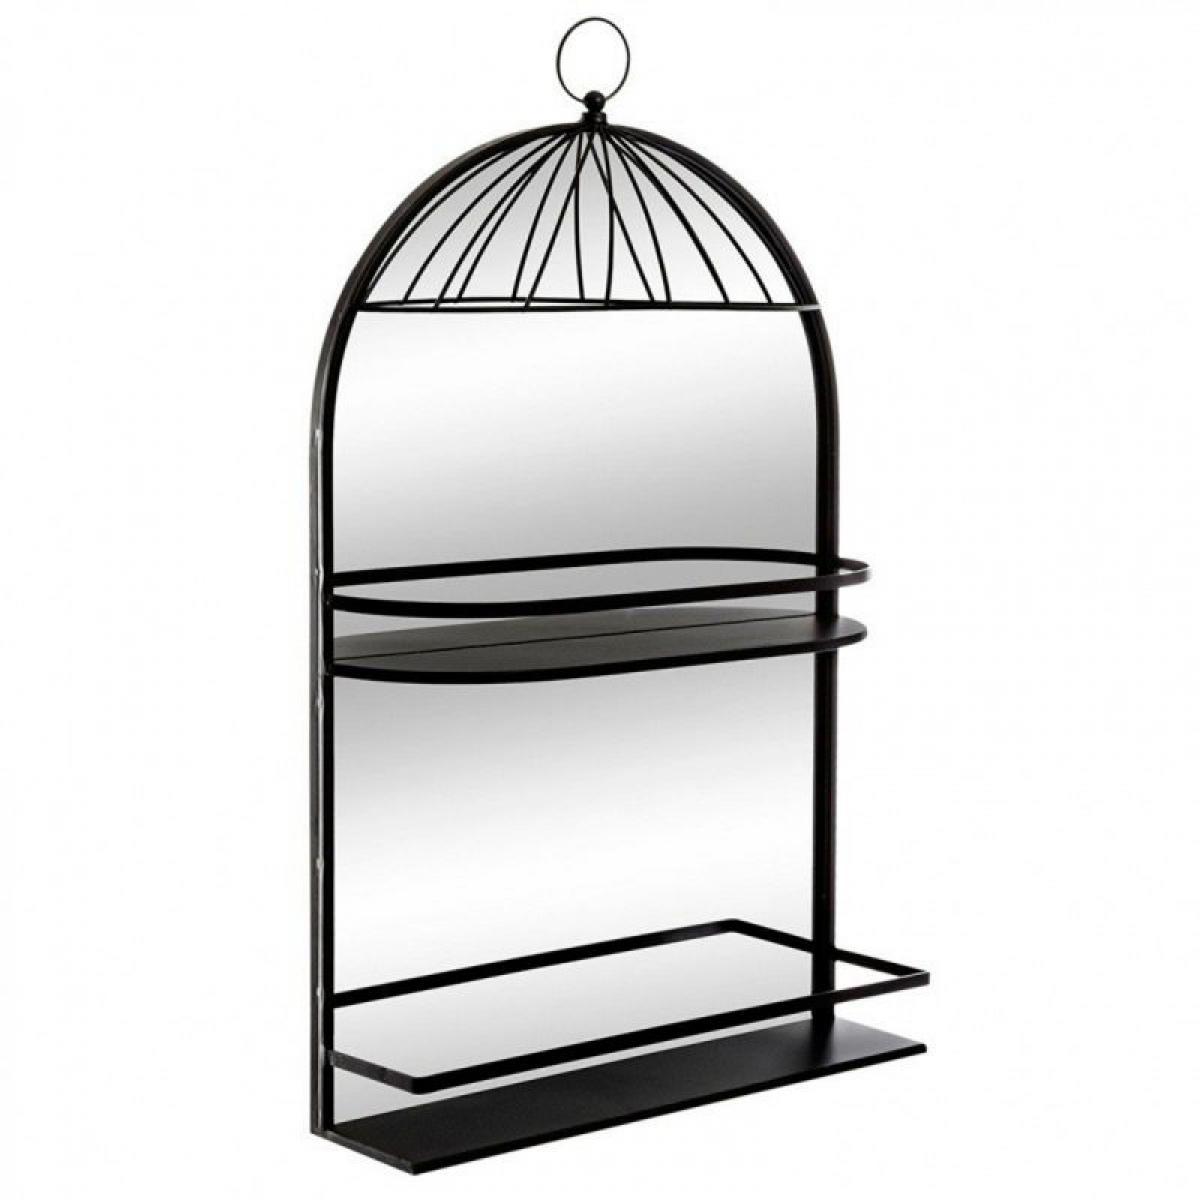 Pp No Name Miroir Design 2 Étagères Métal Cage 75cm Noir